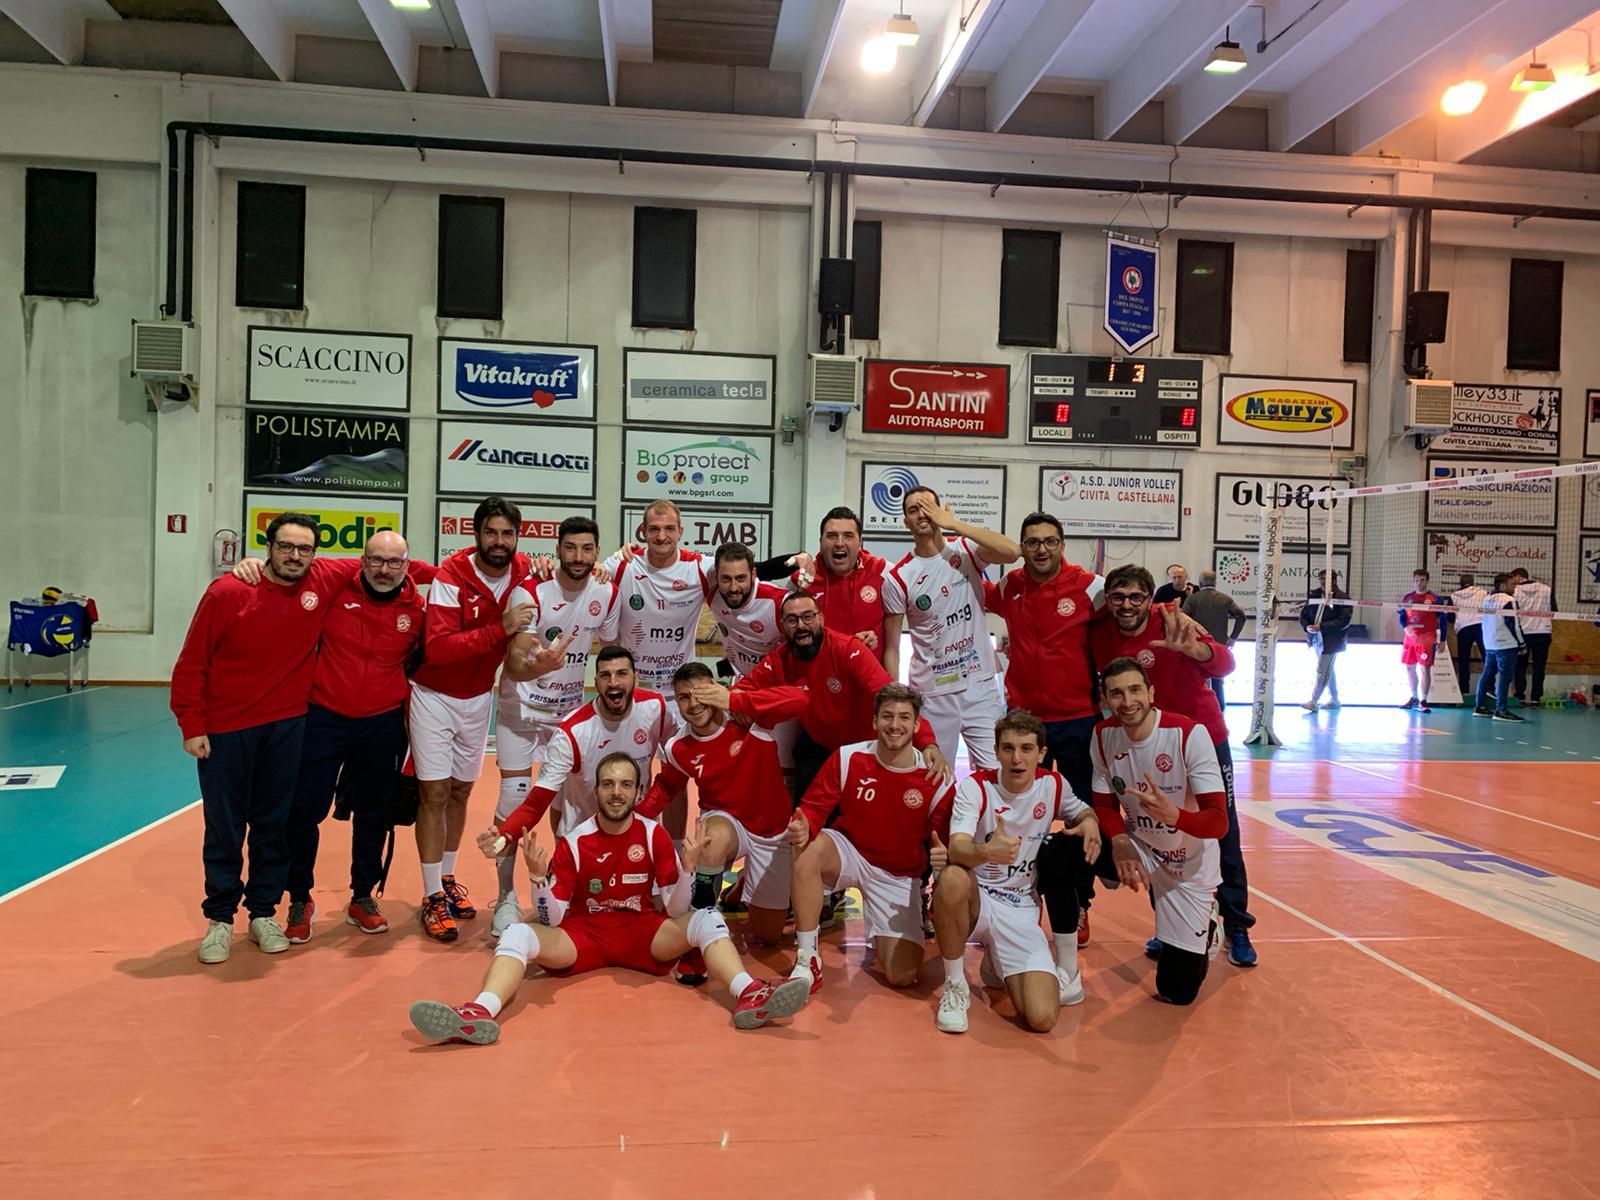 La M2G Group Bari si aggiudica l'andata dei quarti di Coppa Italia: vittoria per 1-3 a Civita Castellana